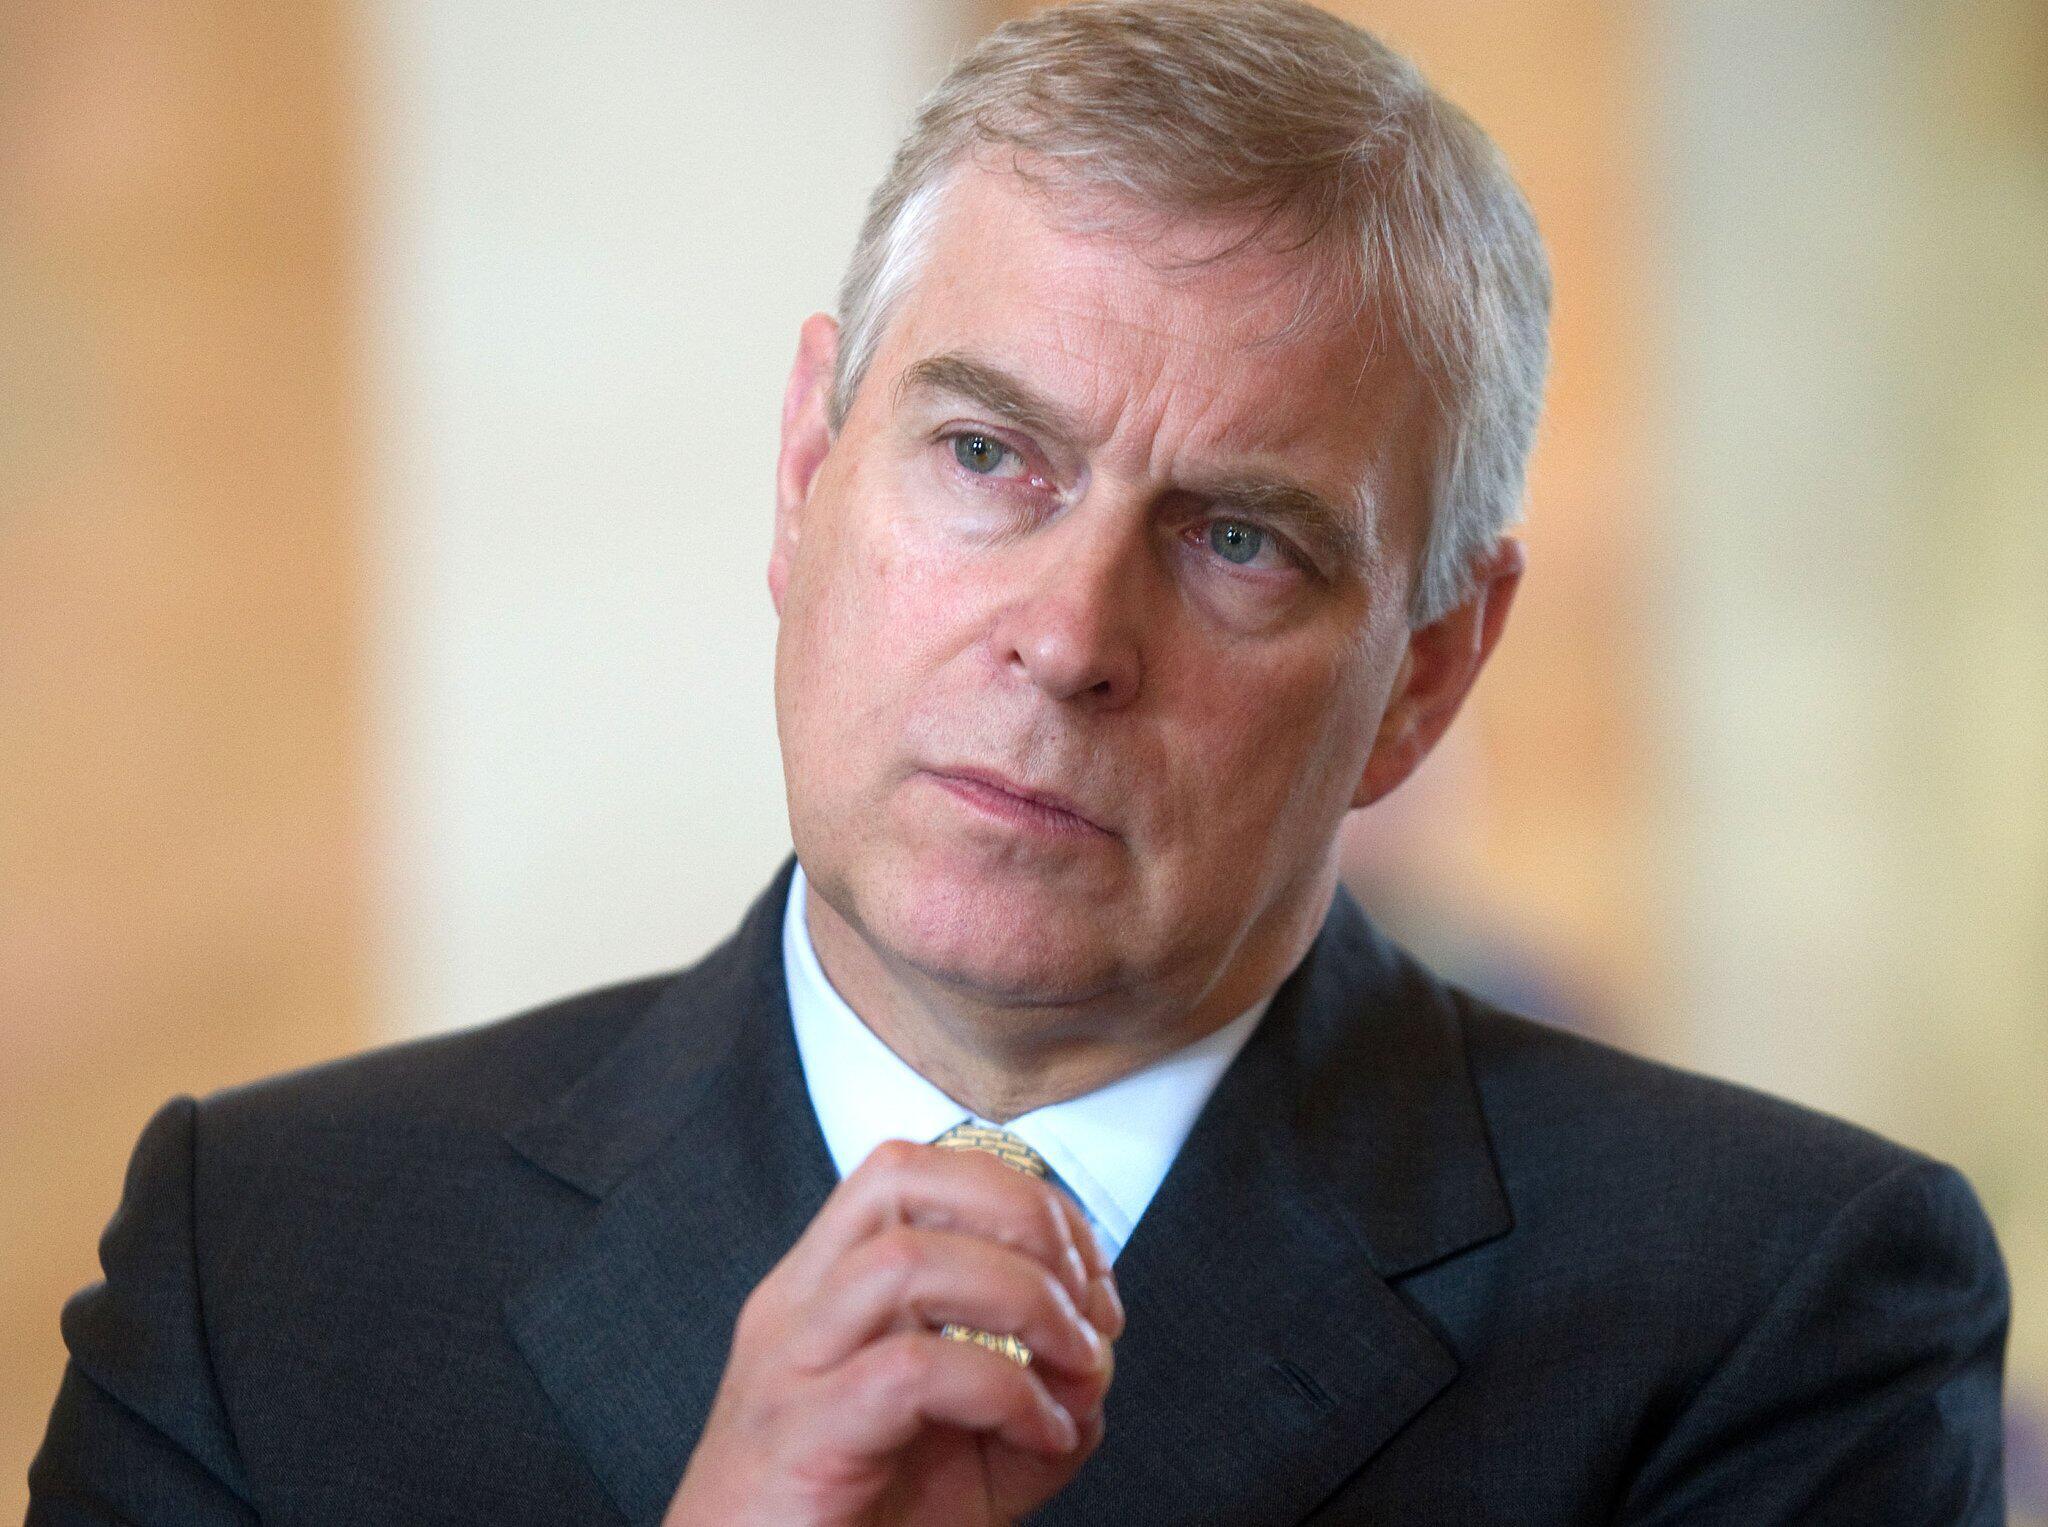 Bild zu Fall Epstein:US-Behörden wollen Prince Andrew befragen